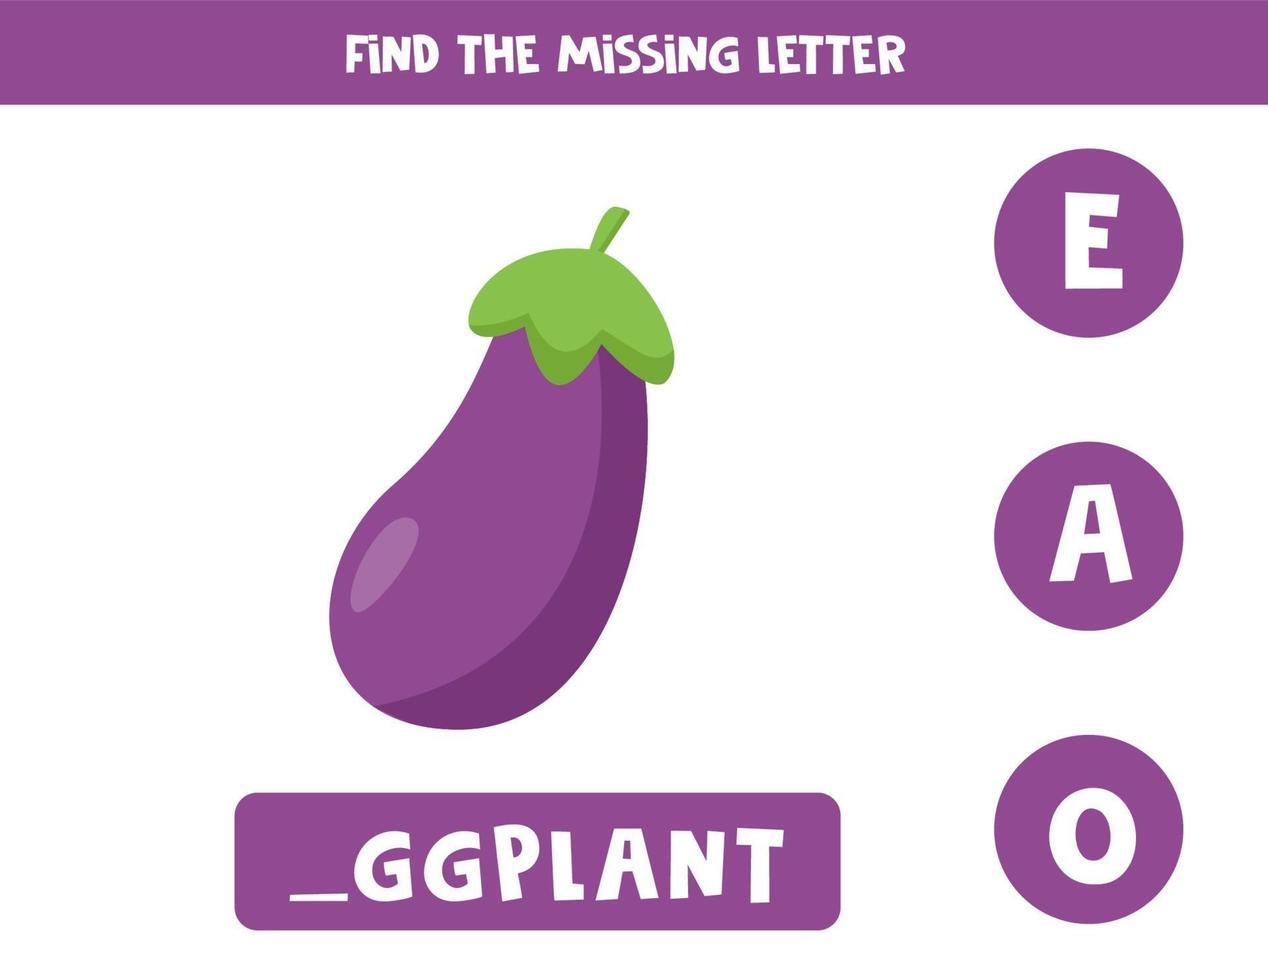 trova la lettera mancante e scrivila. melanzane simpatico cartone animato. vettore